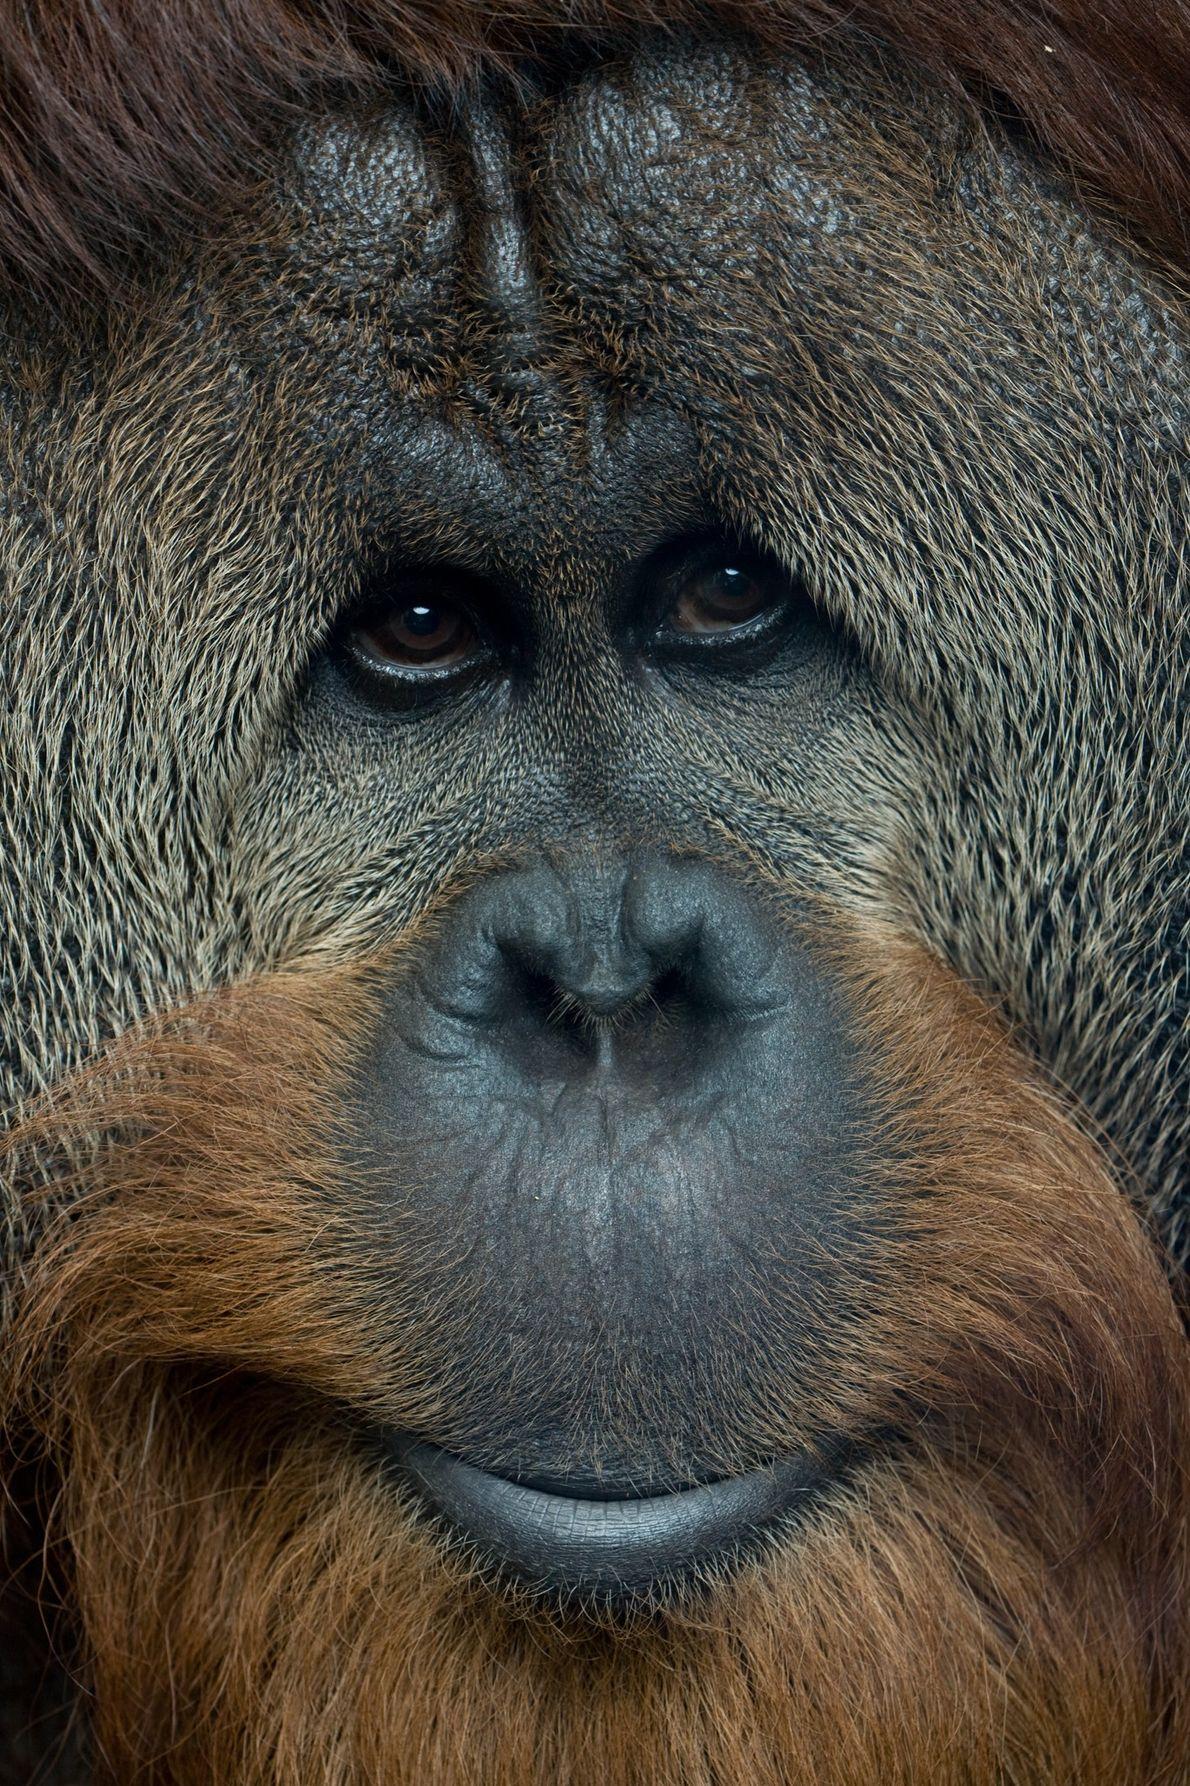 Populações individuais de orangotangos na natureza têm comportamentos aprendidos únicos — como usar galhos com muitas ...